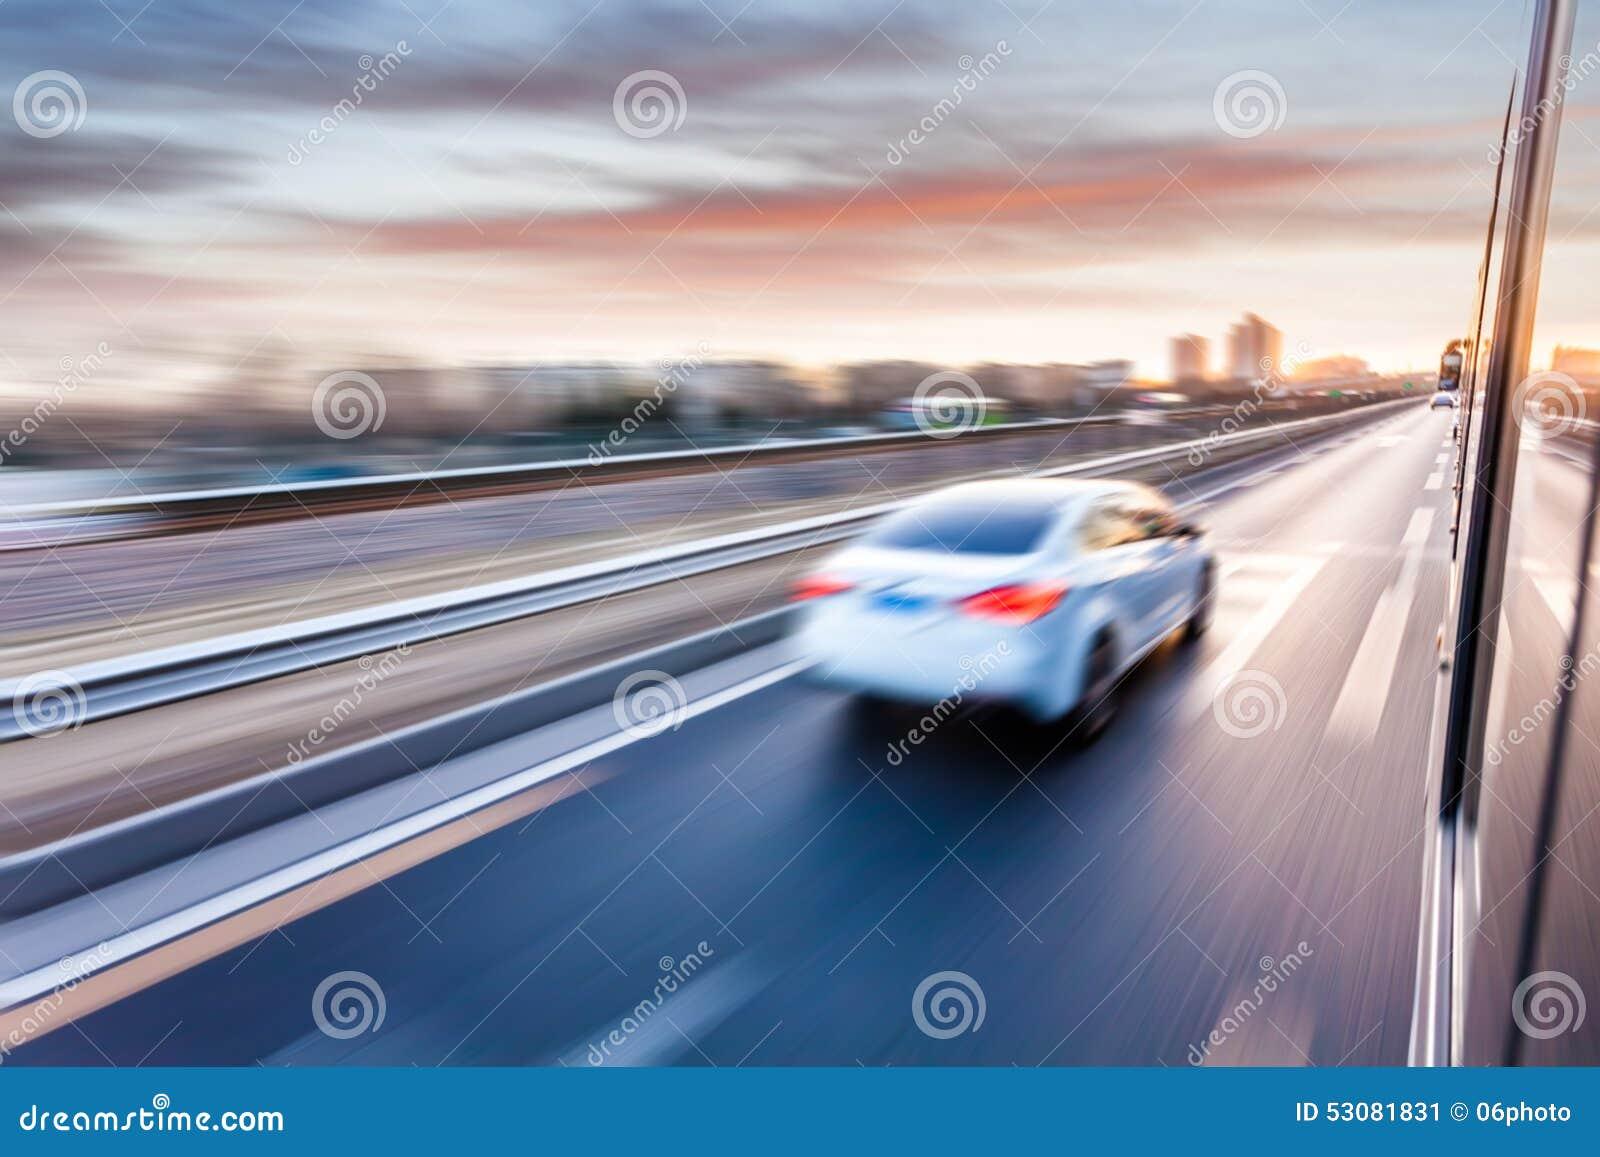 Conduite sur l autoroute au coucher du soleil, tache floue de mouvement